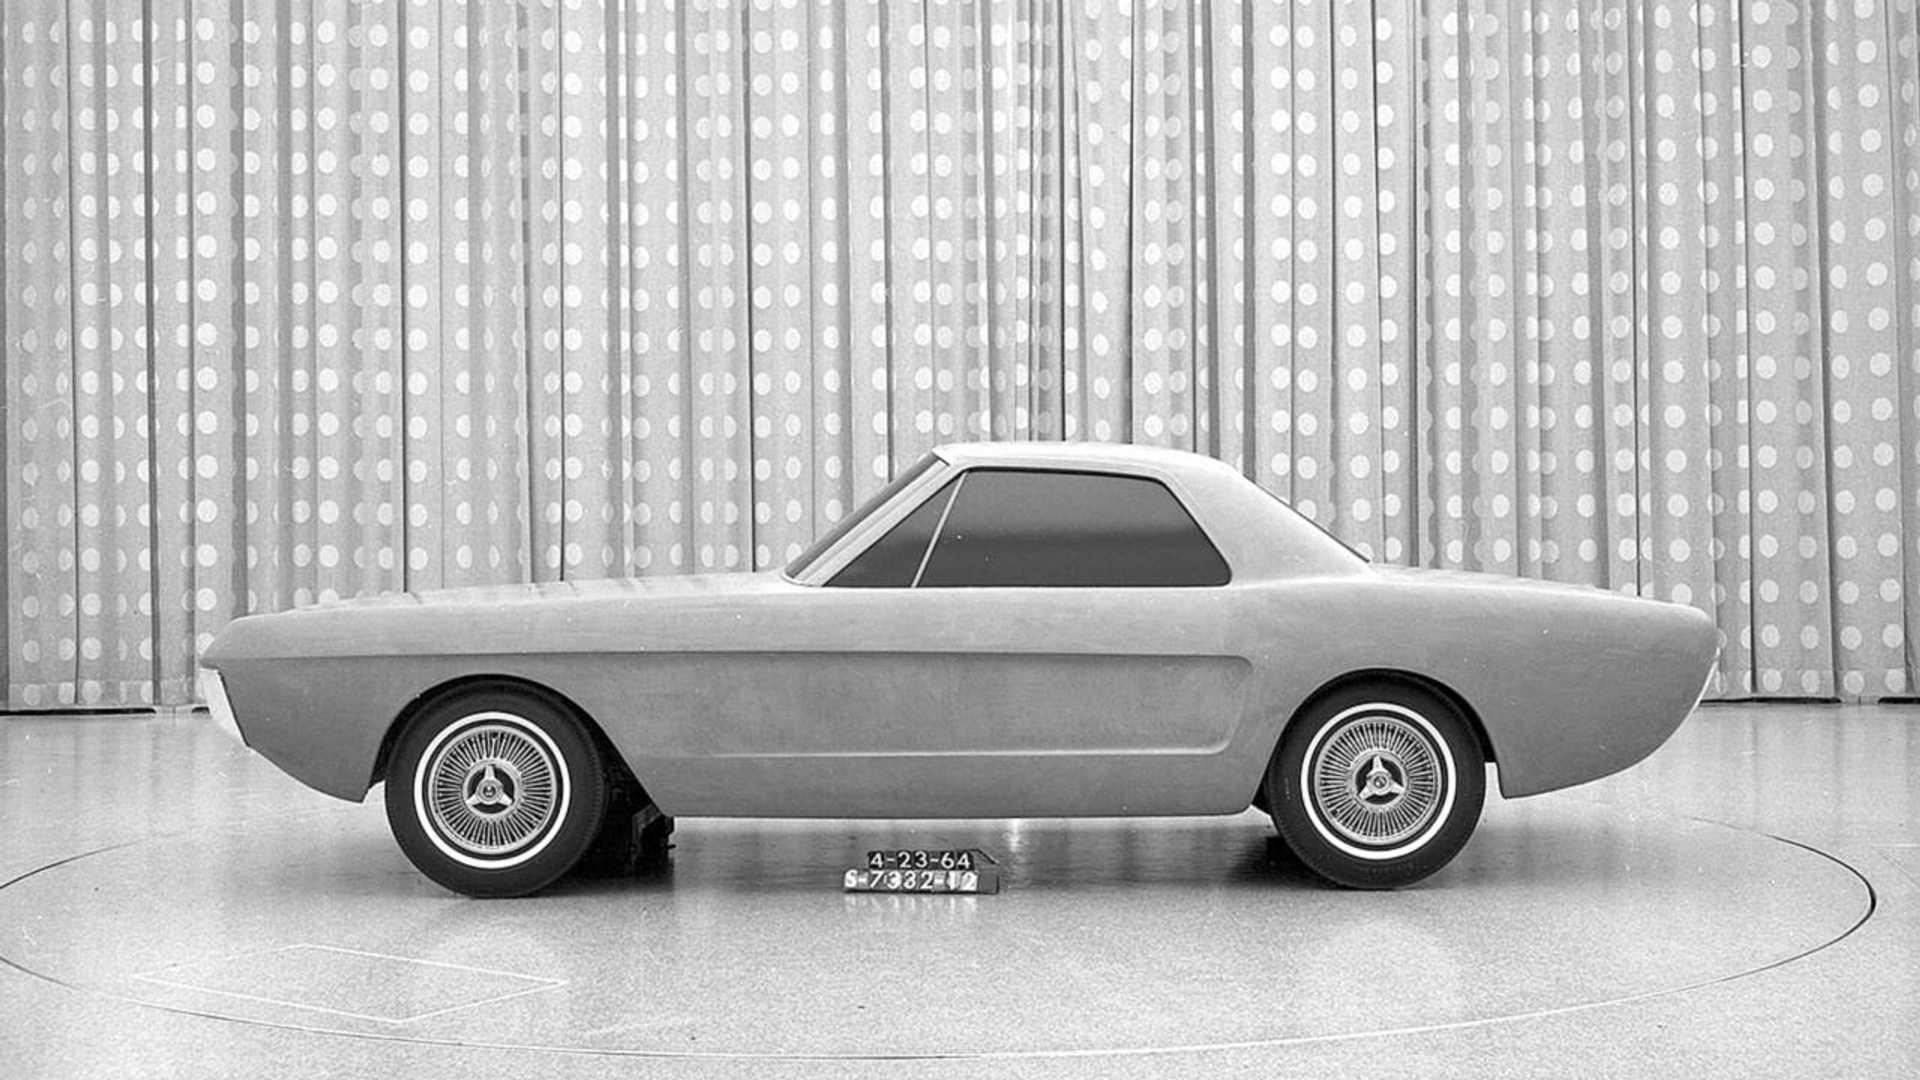 Ford Mustang Irre Ideen und Konzepte